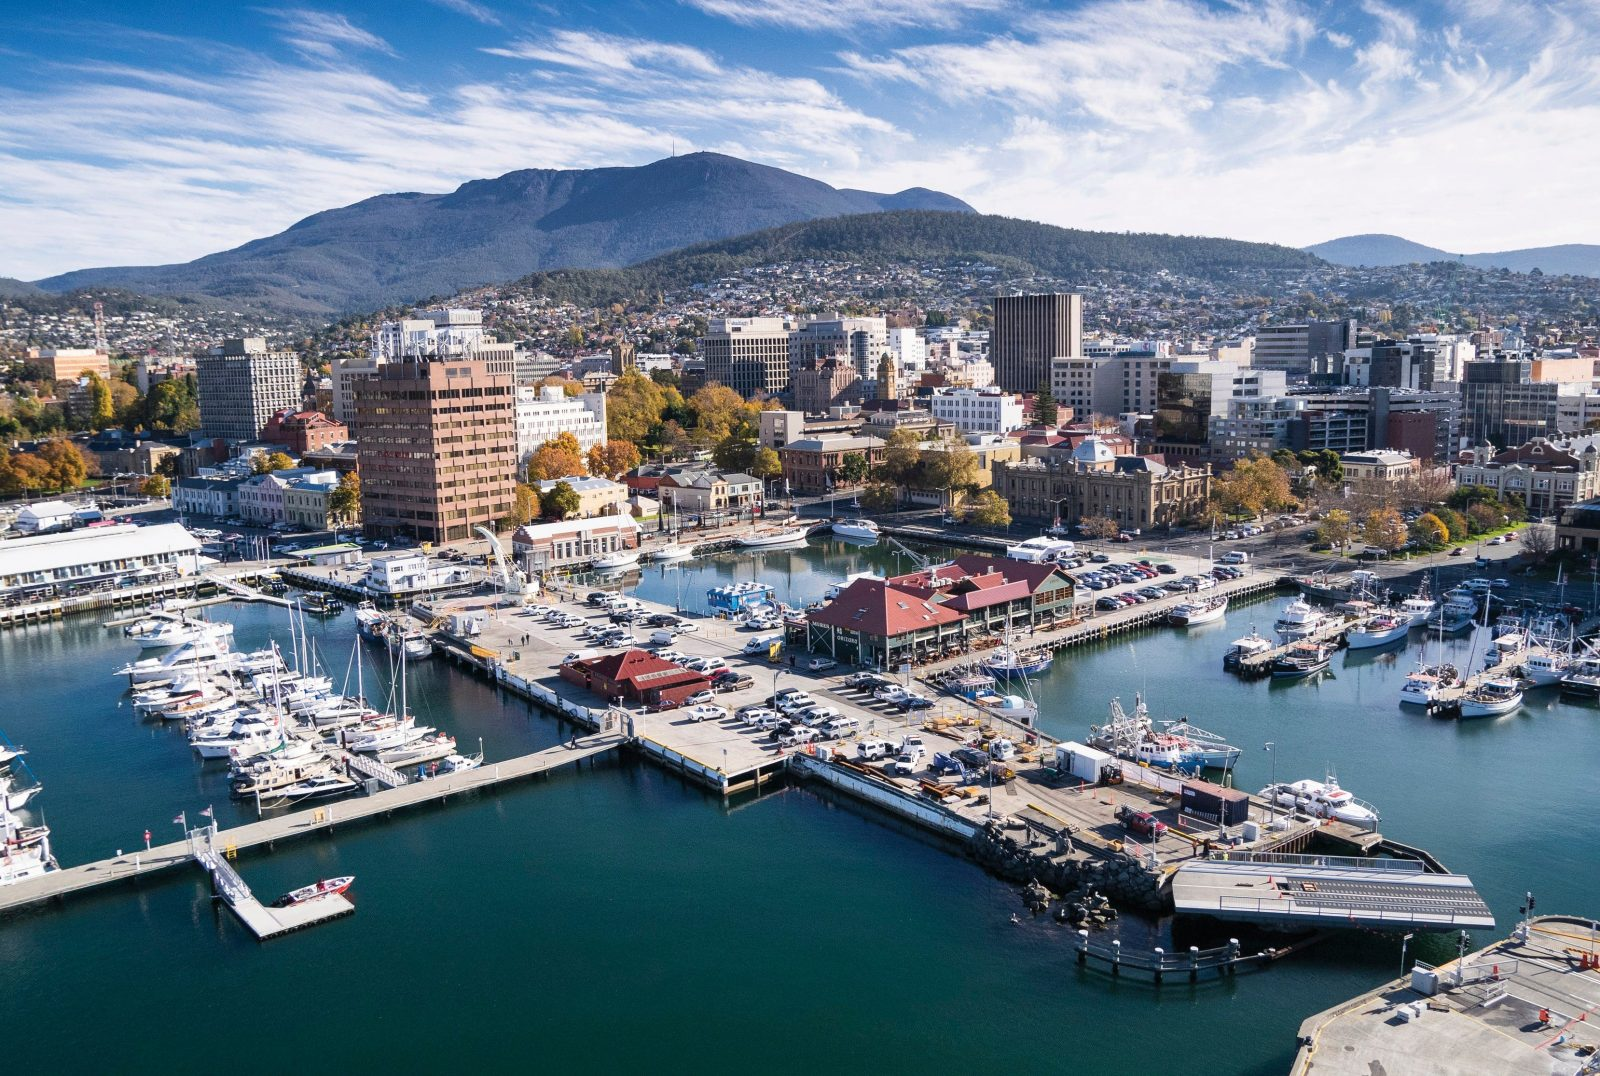 Tasmania/Hobart